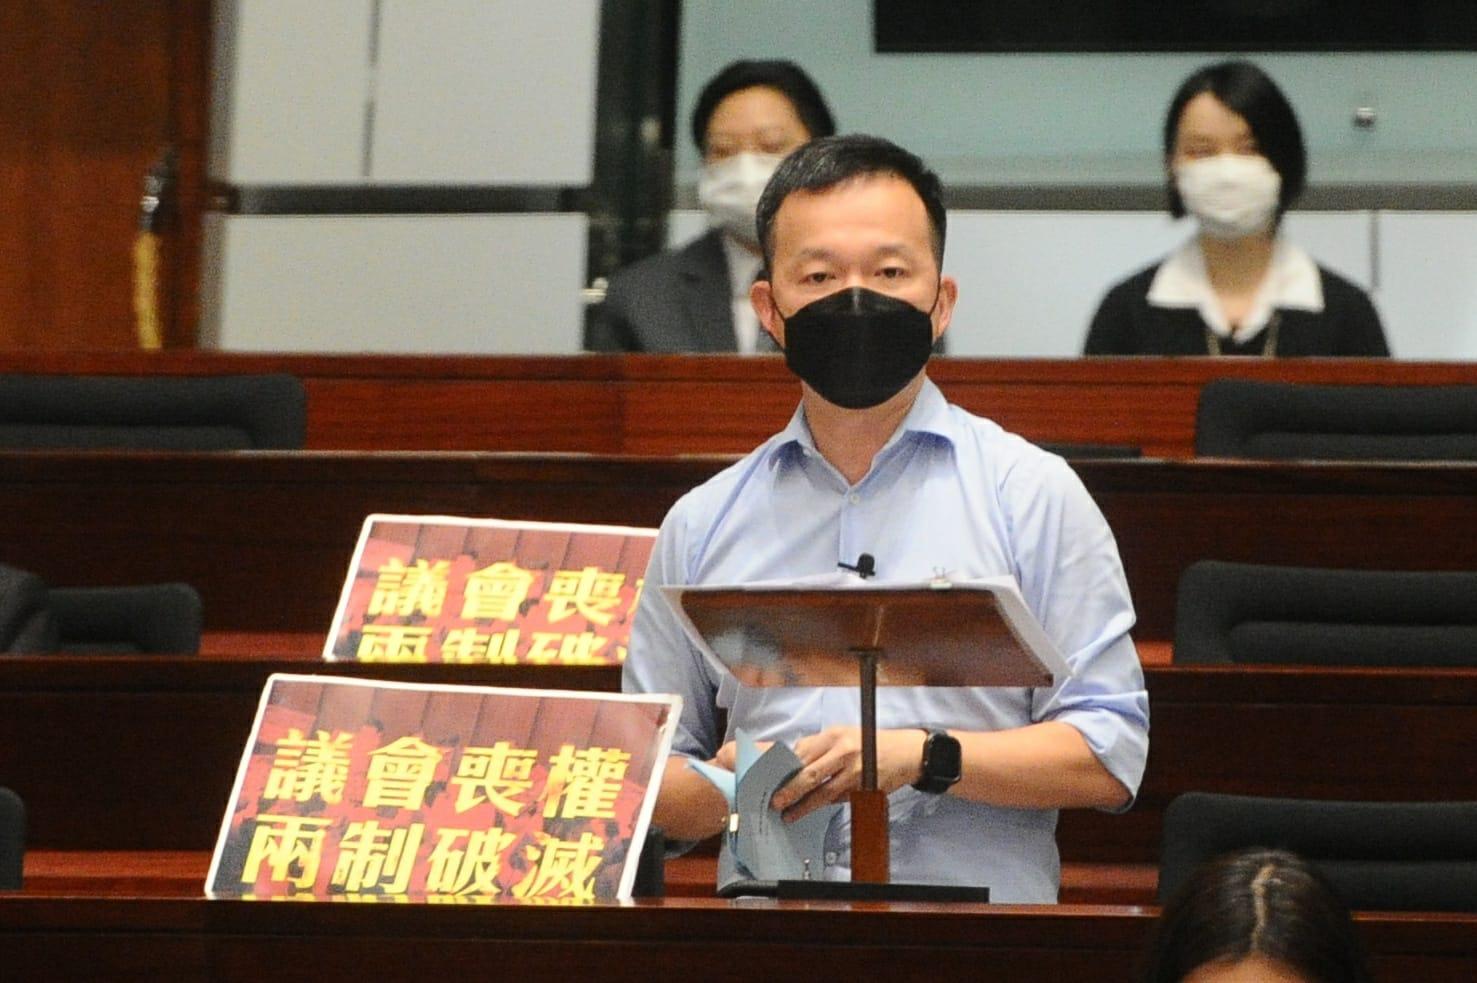 立法會議員陳志全提出16項「國歌法」修正案。(宋碧龍 / 大紀元)